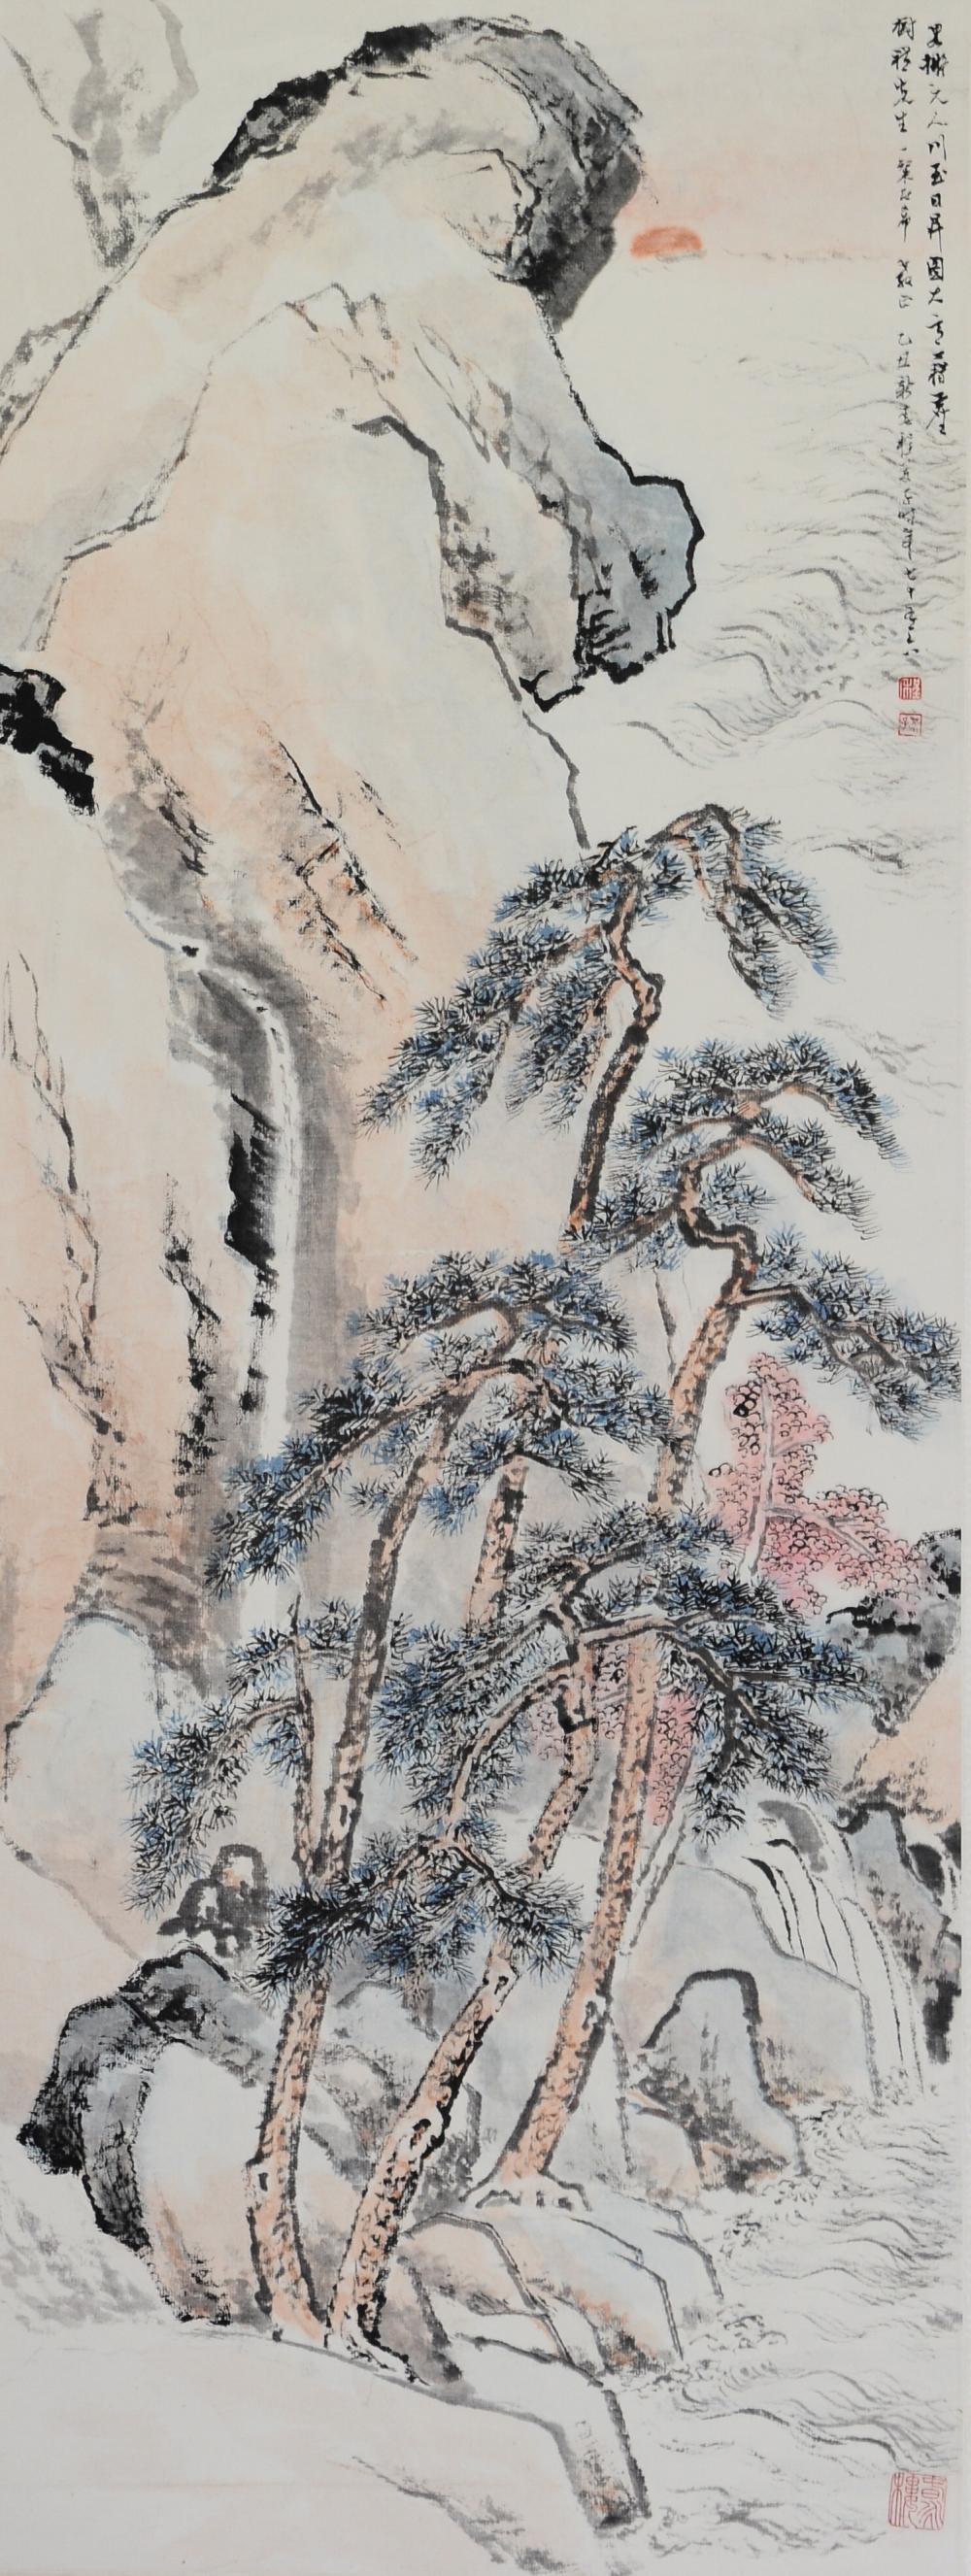 LANDSCAPE PAINTING W/ PINE TREES BY CHENG JIEZI